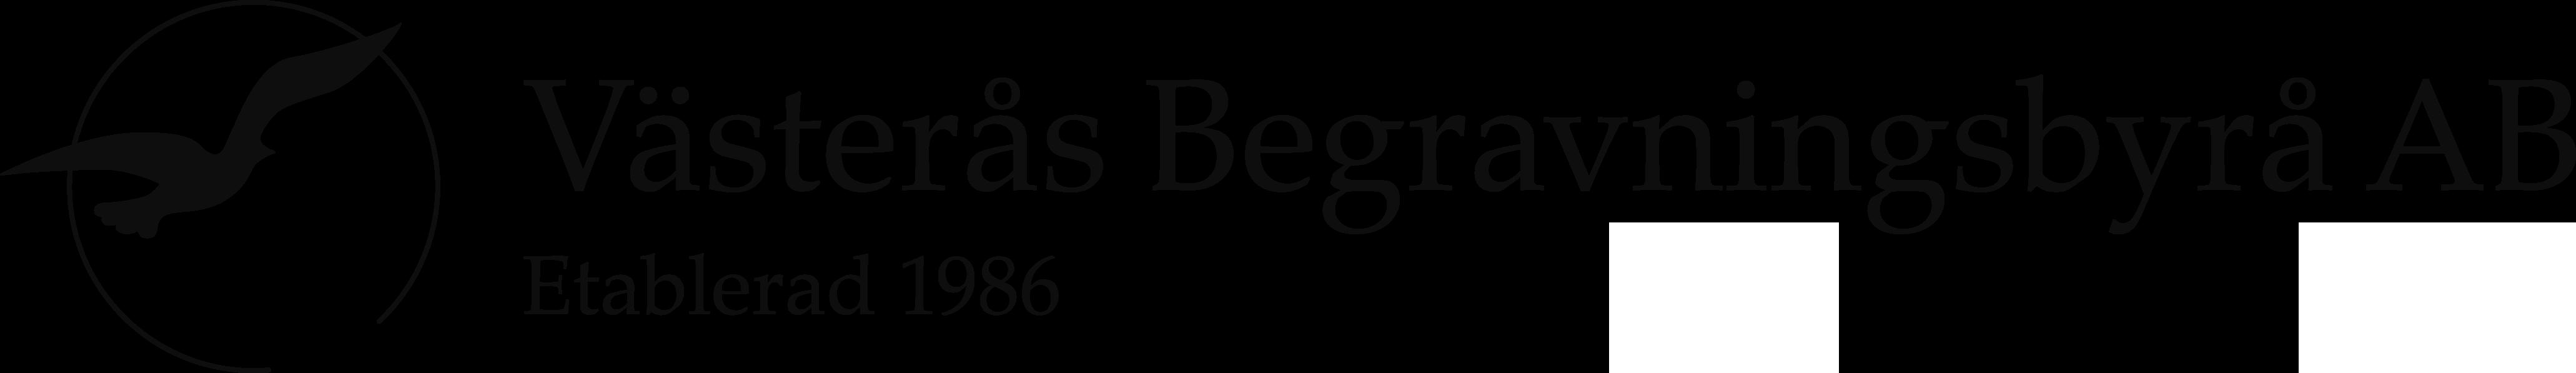 Västerås Begravningsbyrå